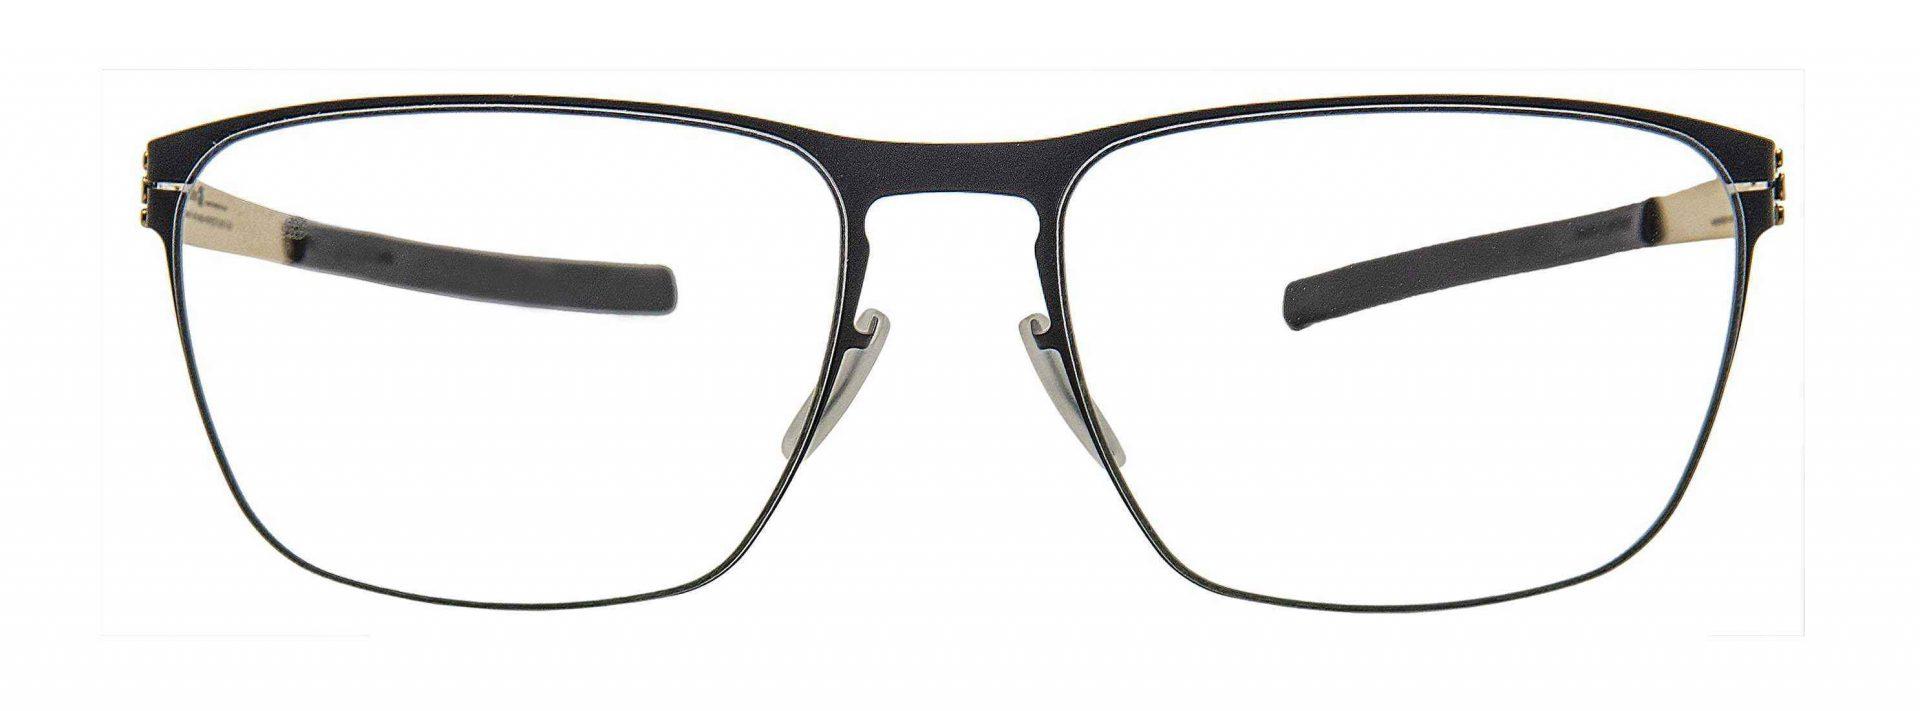 ic! berlin spectacles Benjamin S 02 2970x1100